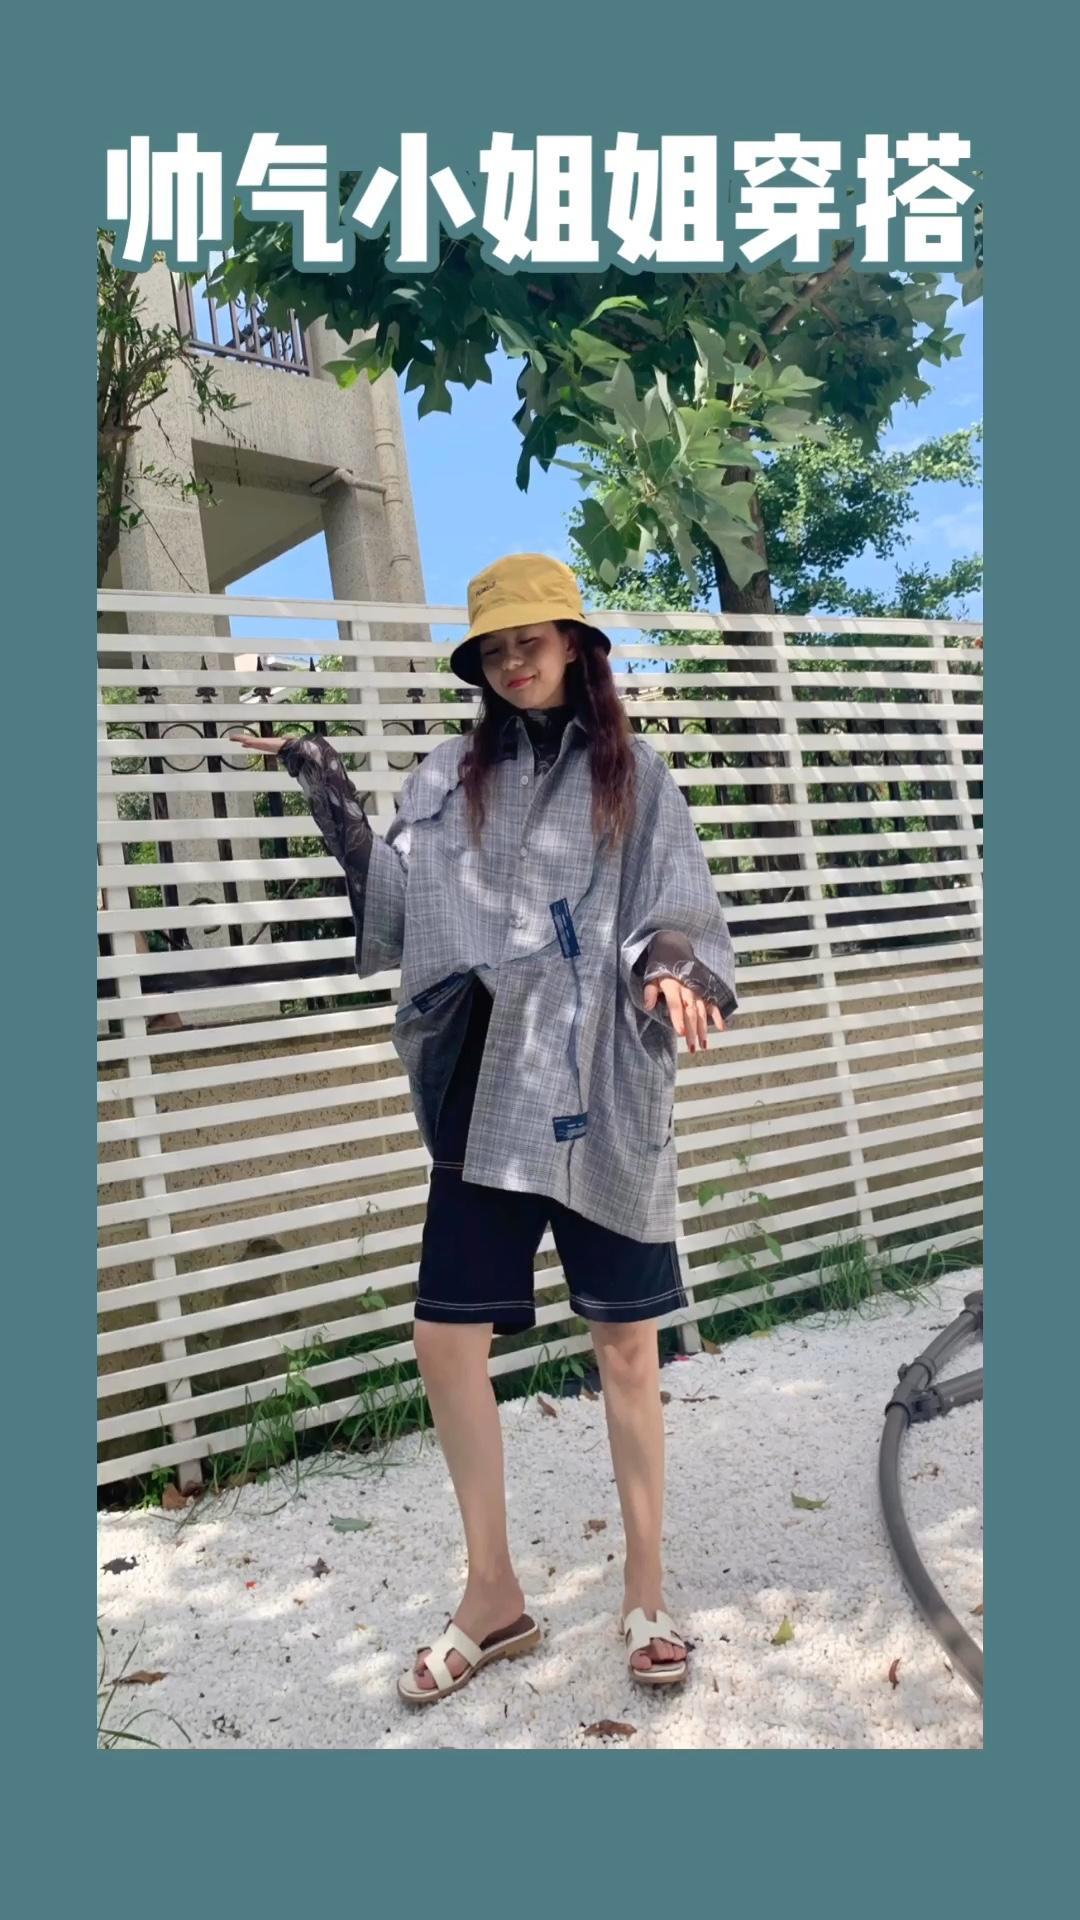 摄影:小鲸鱼 场地:山月空间 #蘑菇街新品测评# 衬衫可以说是酷酷的女孩子的必备产品 和短裤搭配在一起很协调  内搭搭配了一个打底 很喜欢